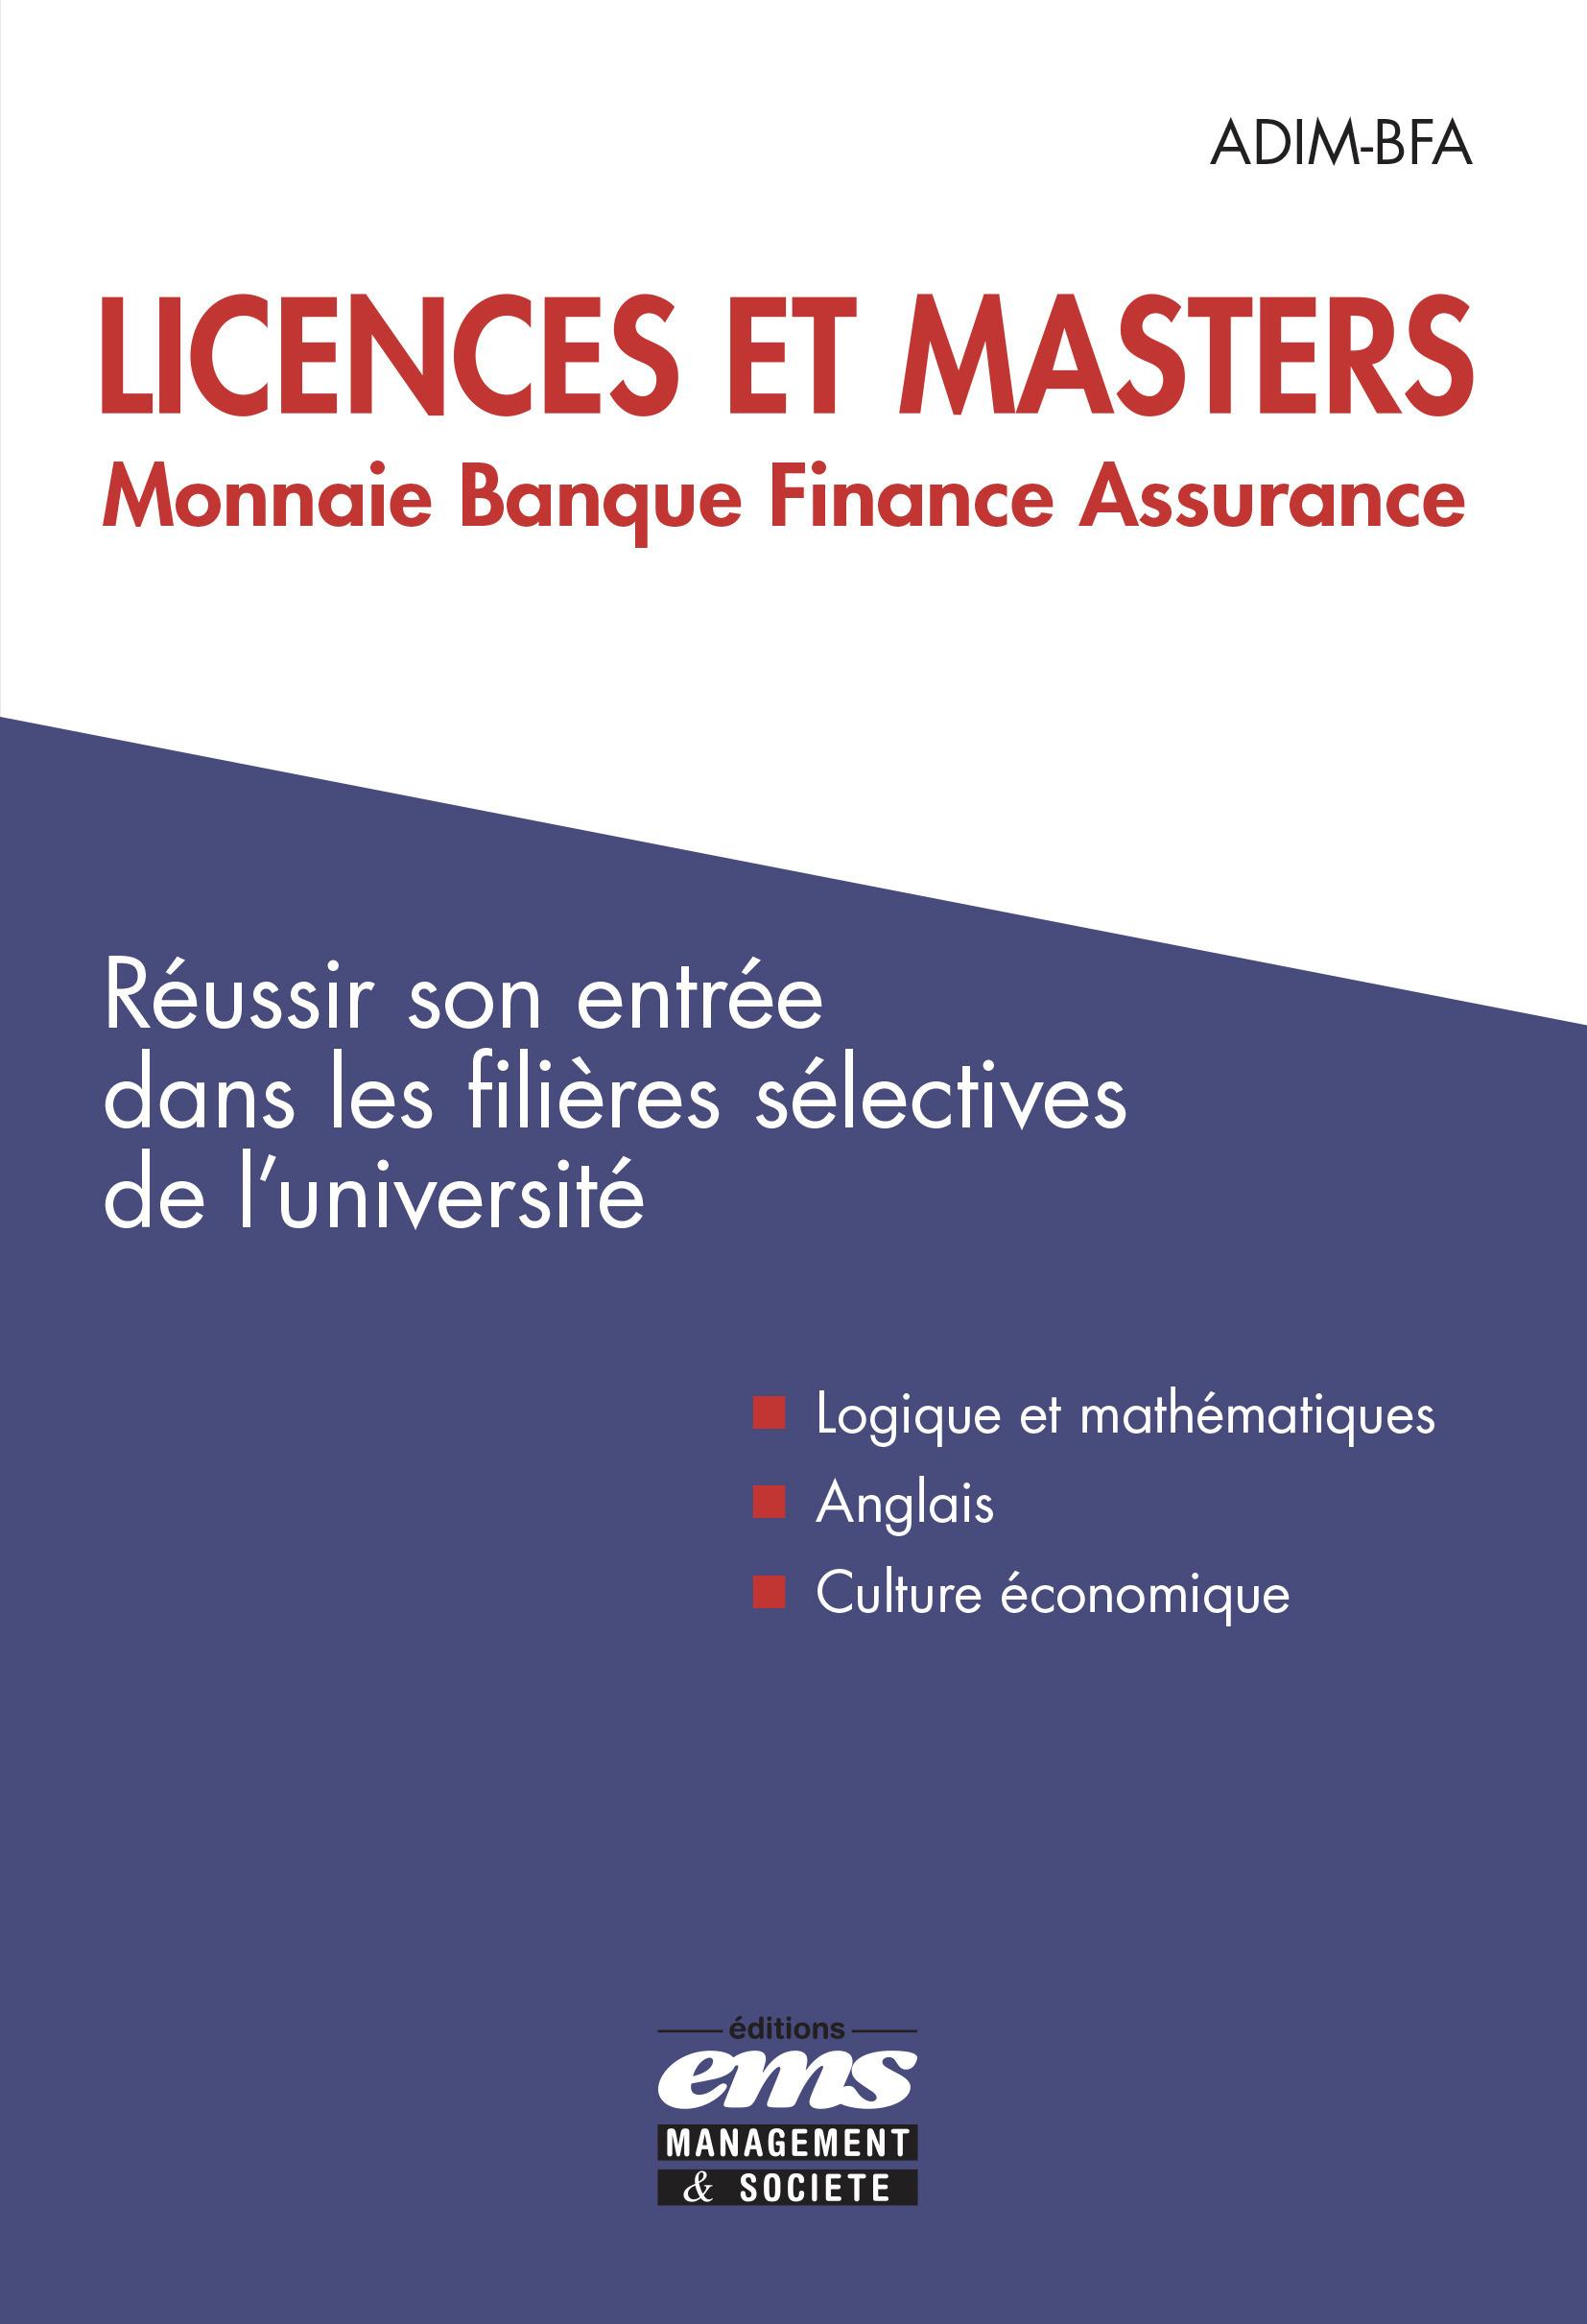 QCM ; licences et masters monnaie banque finance assurance ; réussir son entrée dans les filières sélectives de l'université